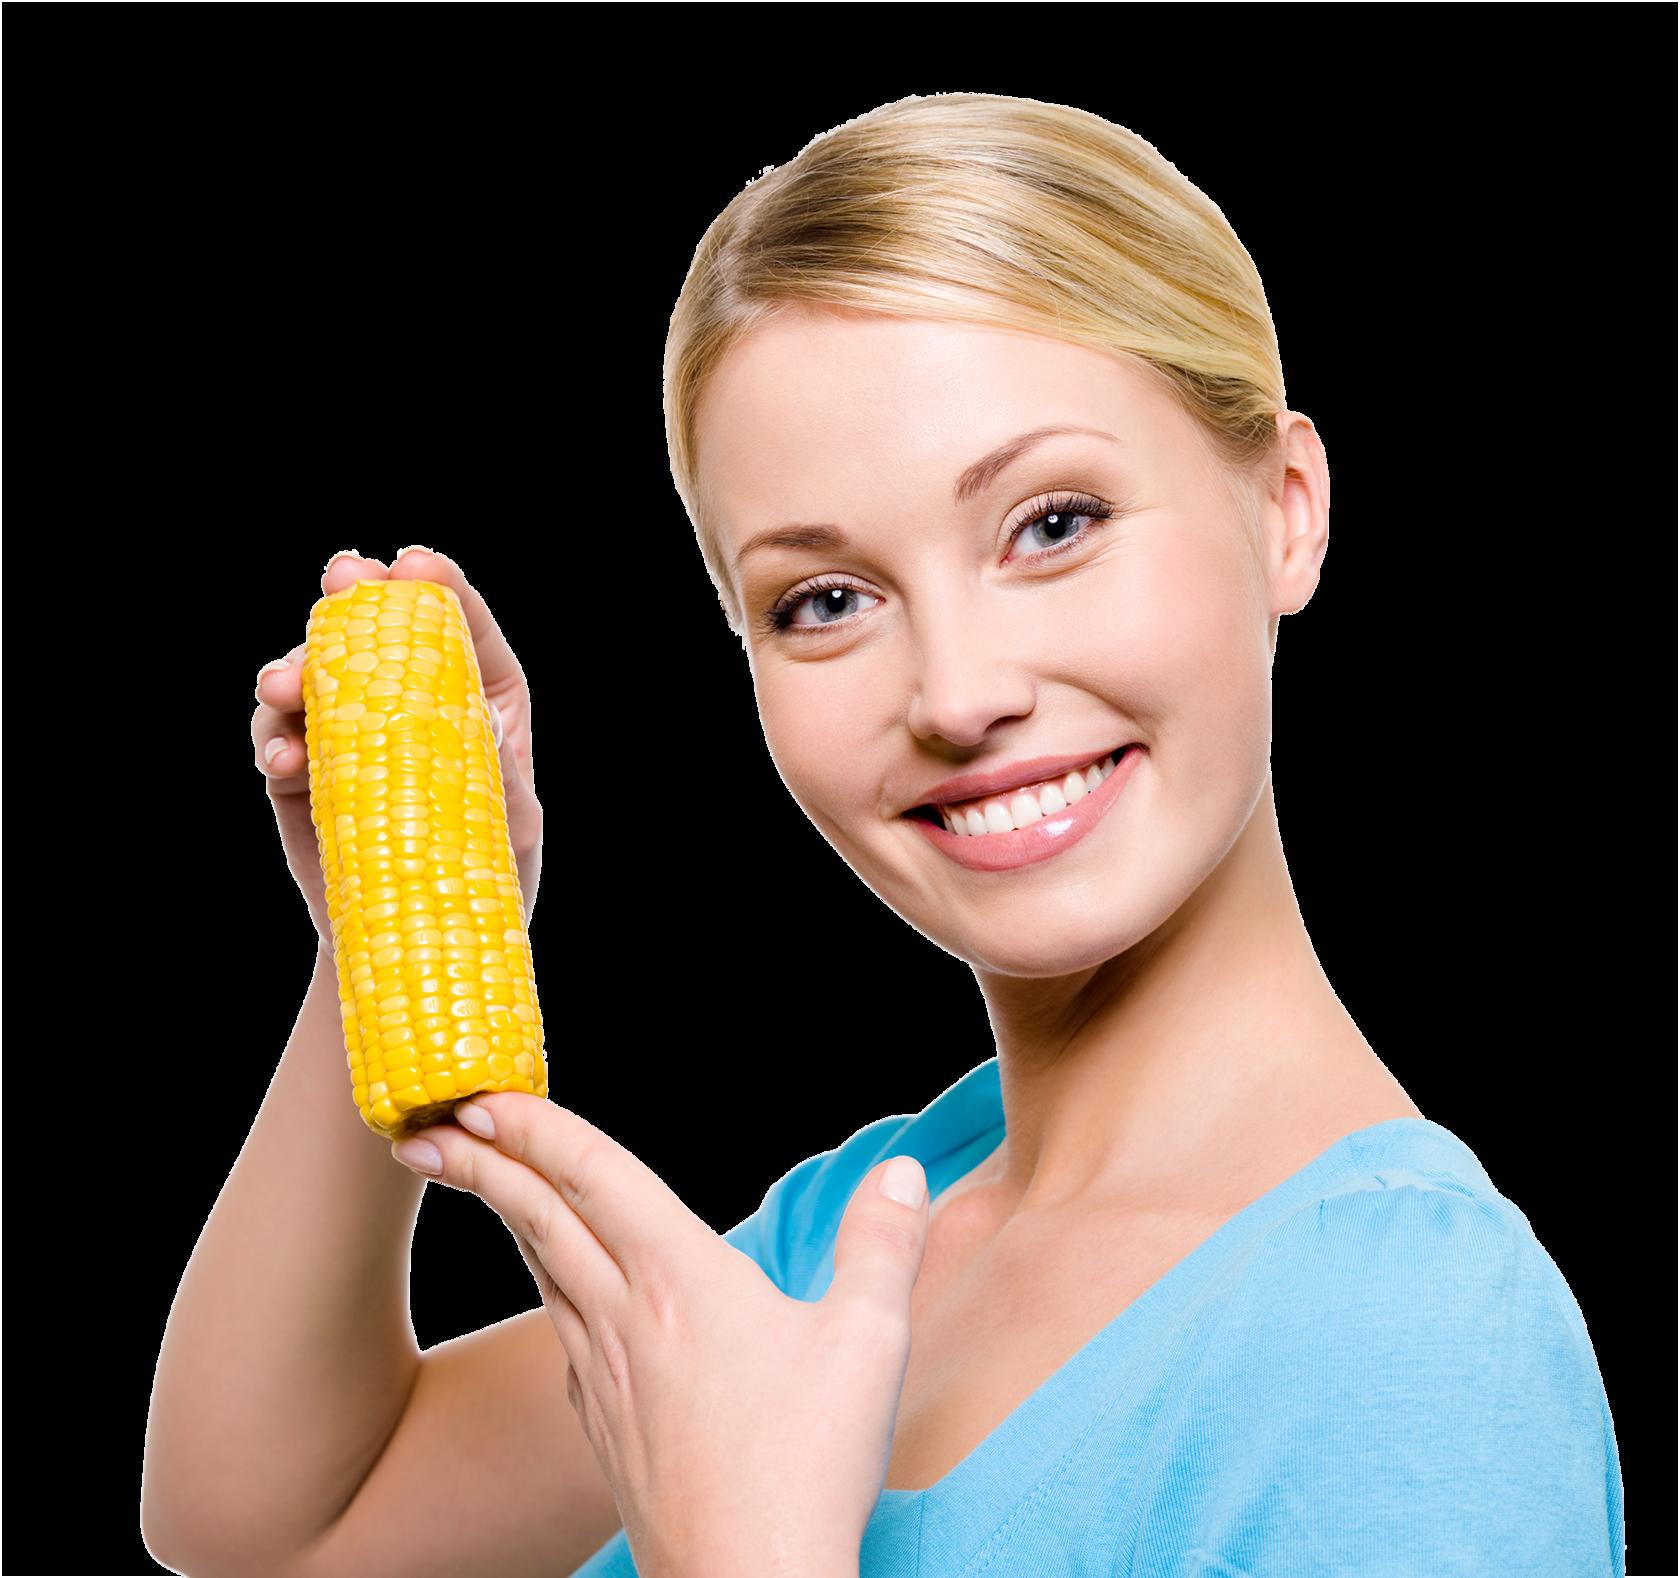 тем балуется с кукурузой ххх фото просматривается прямая связь